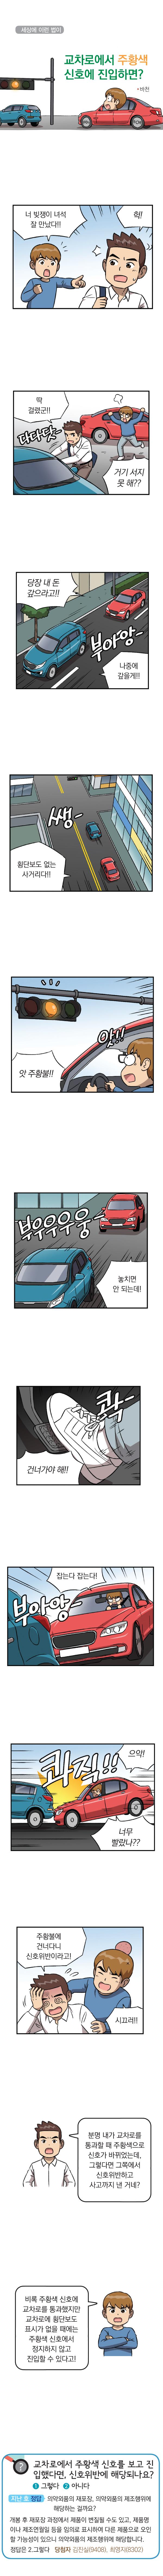 <법나들이 2019년 10월> 교차로에서 주황색 신호에 진입하면?